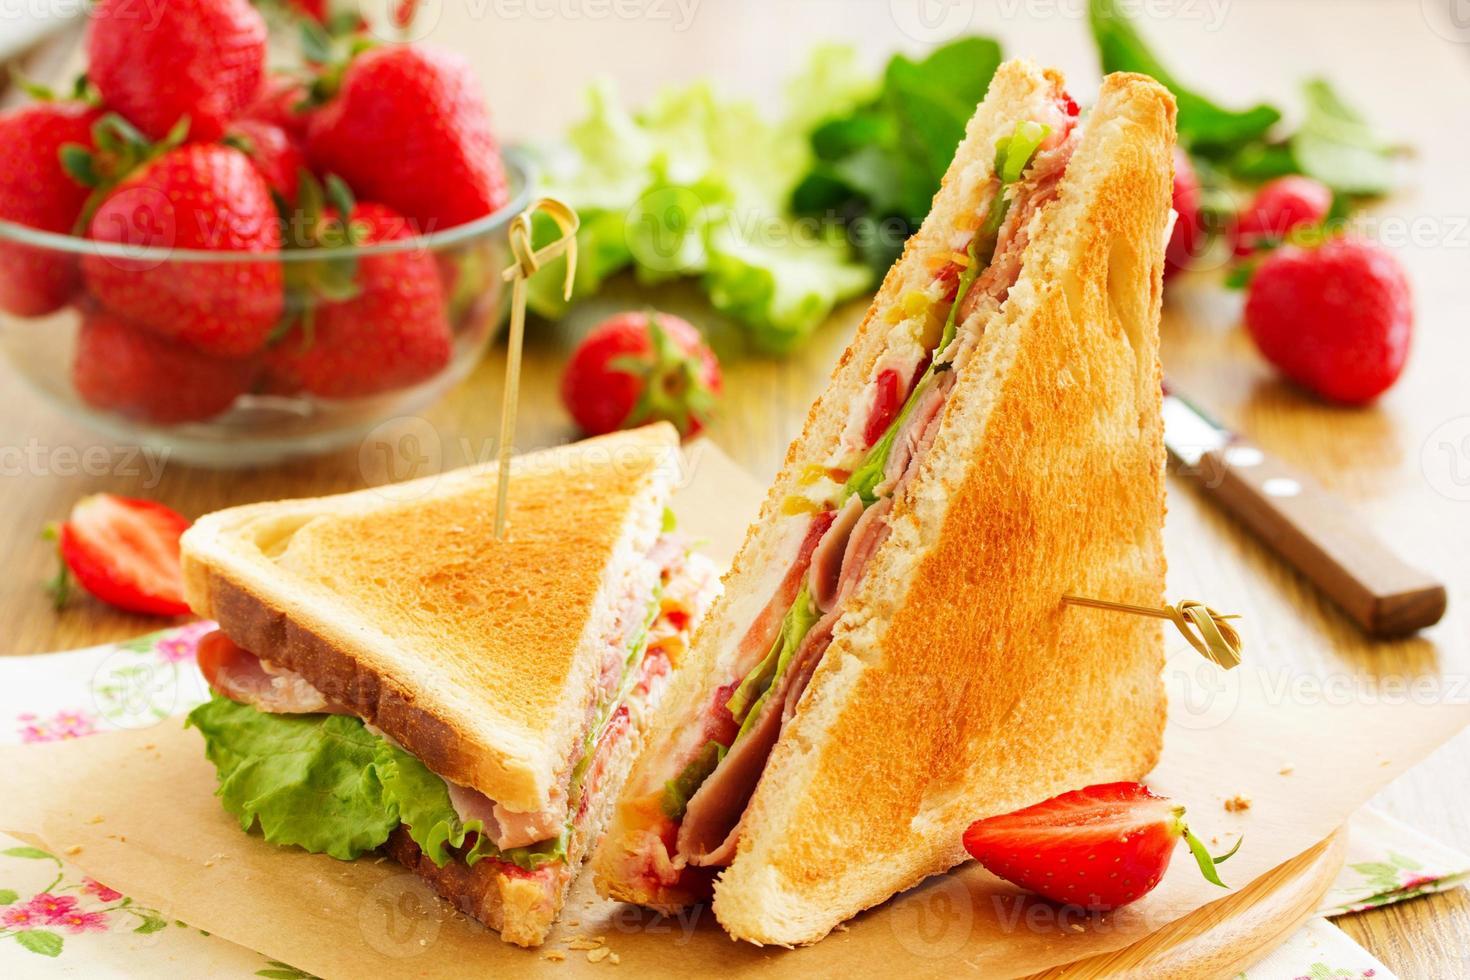 dieet kalkoensandwich en aardbei. foto